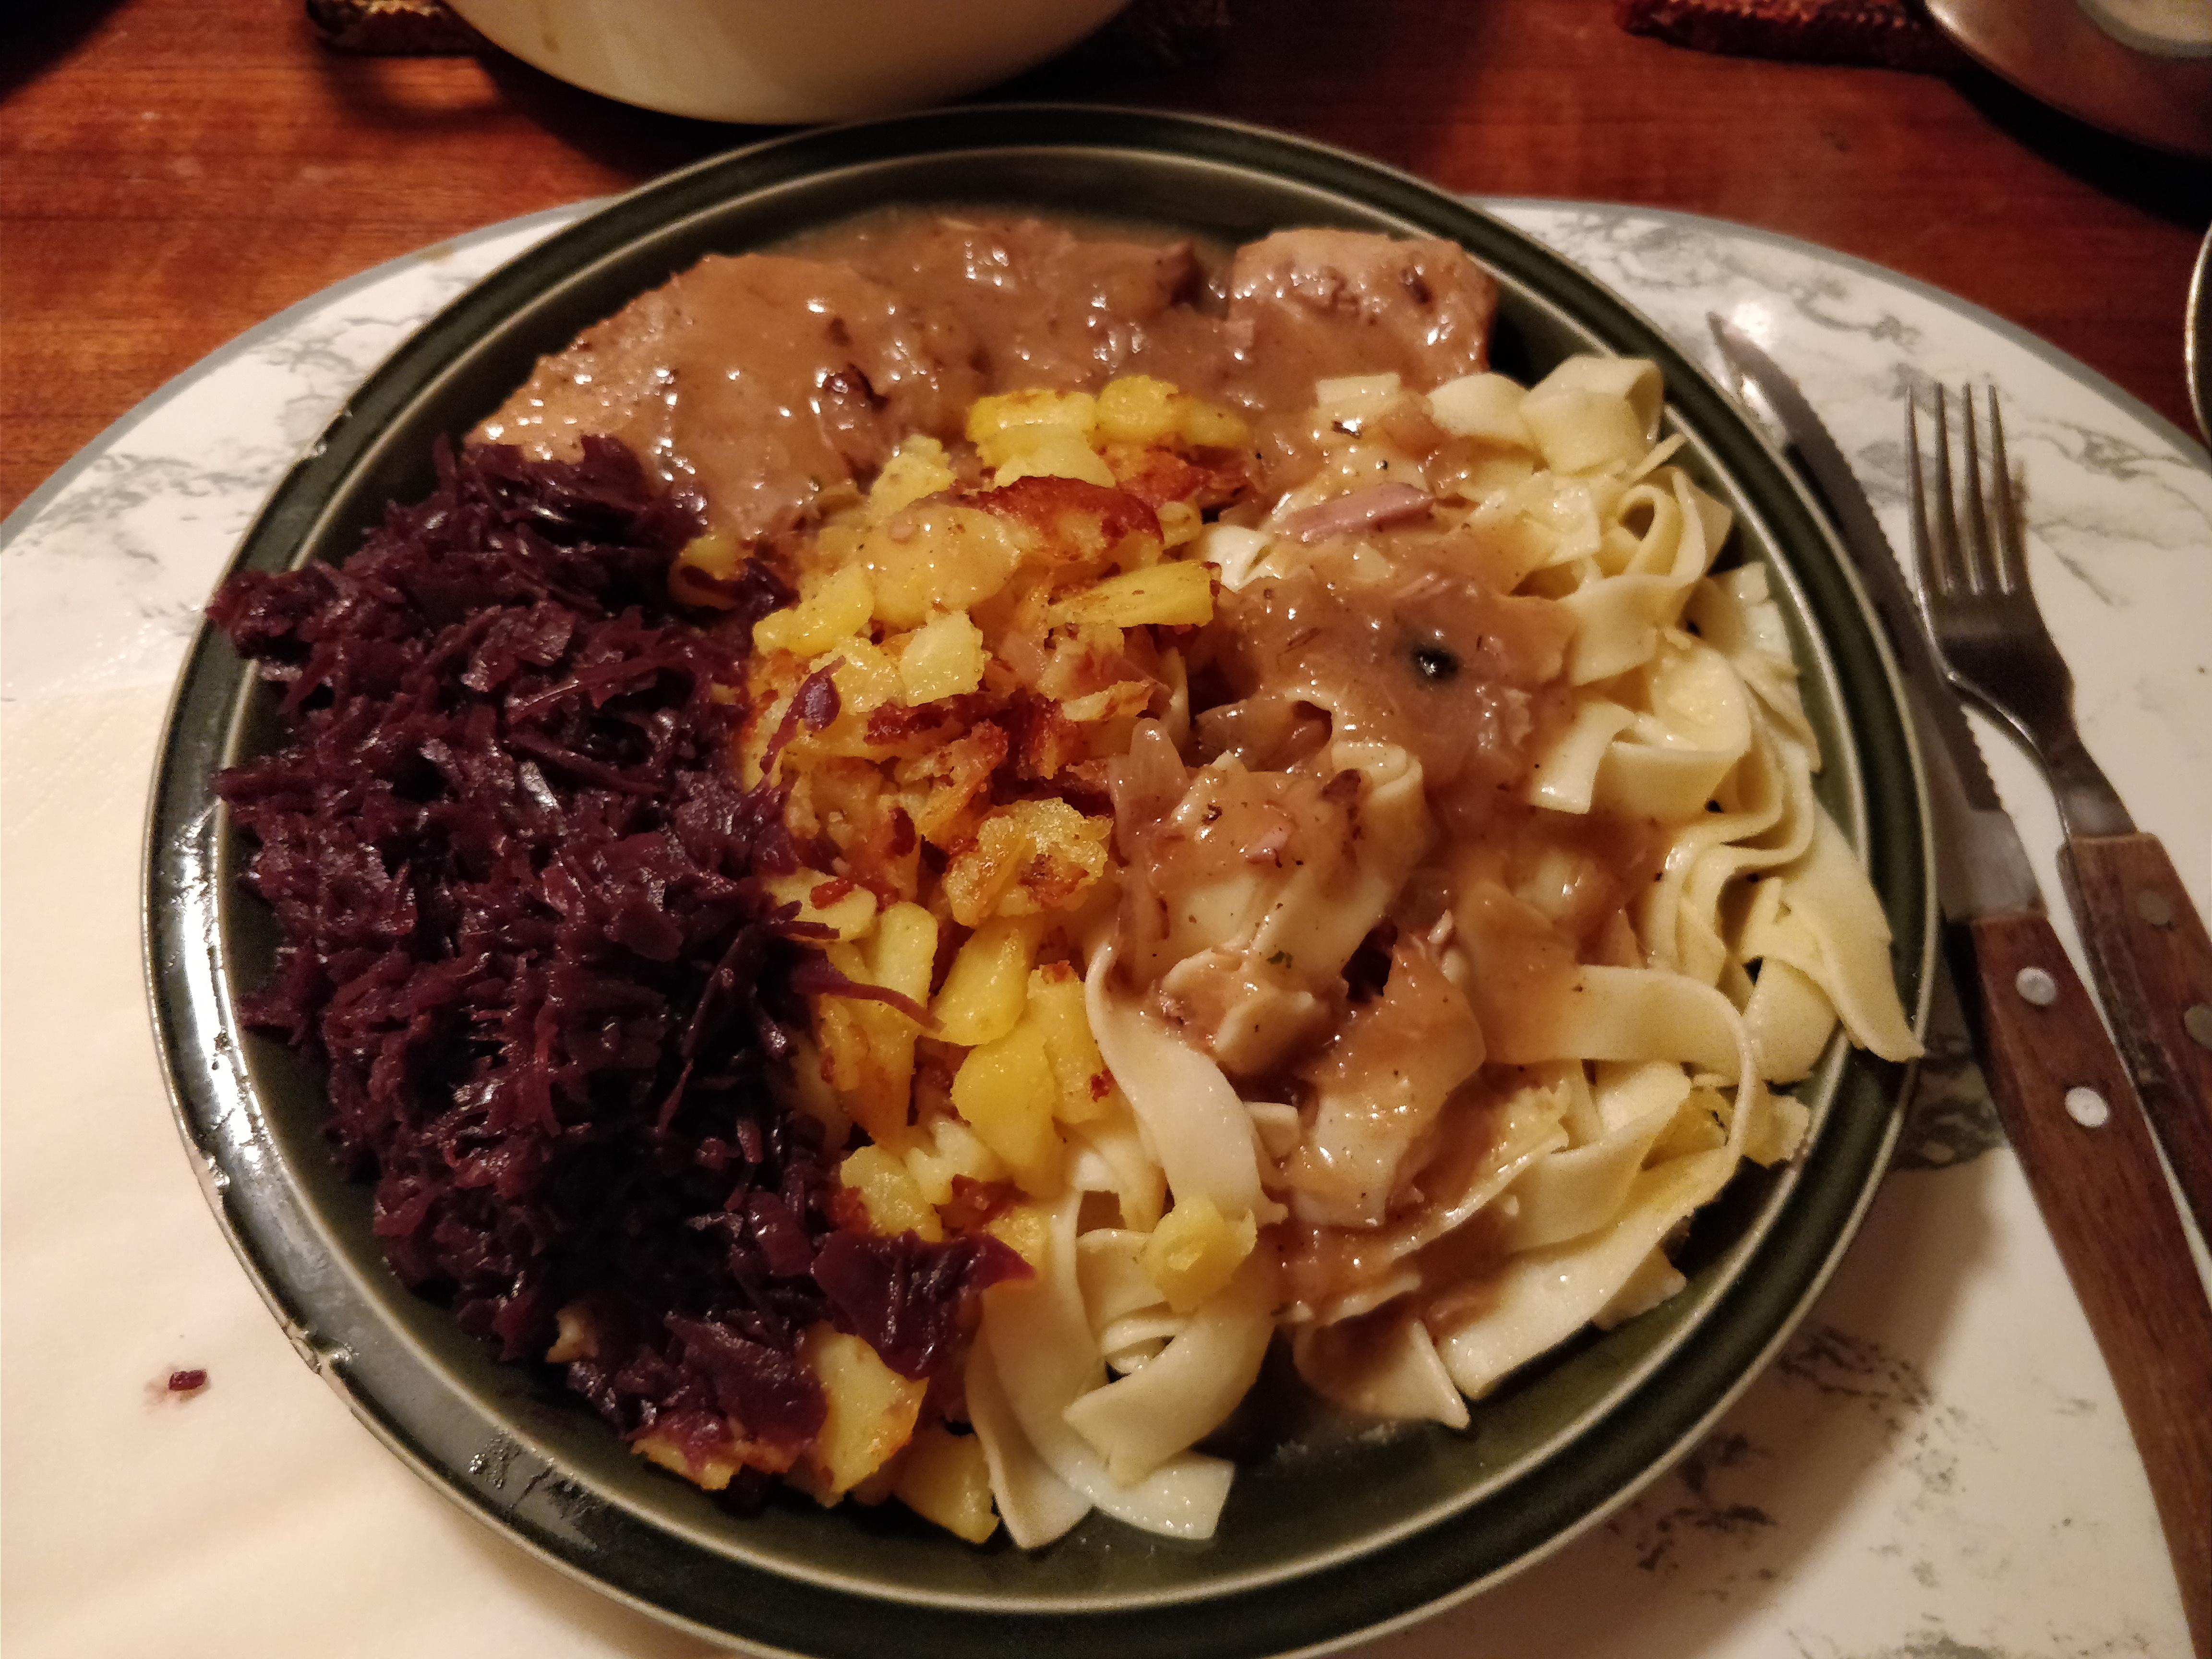 http://foodloader.net/nico_2017-08-30_schweinebraten-nudeln-bratkartoffeln-rotkraut.jpg